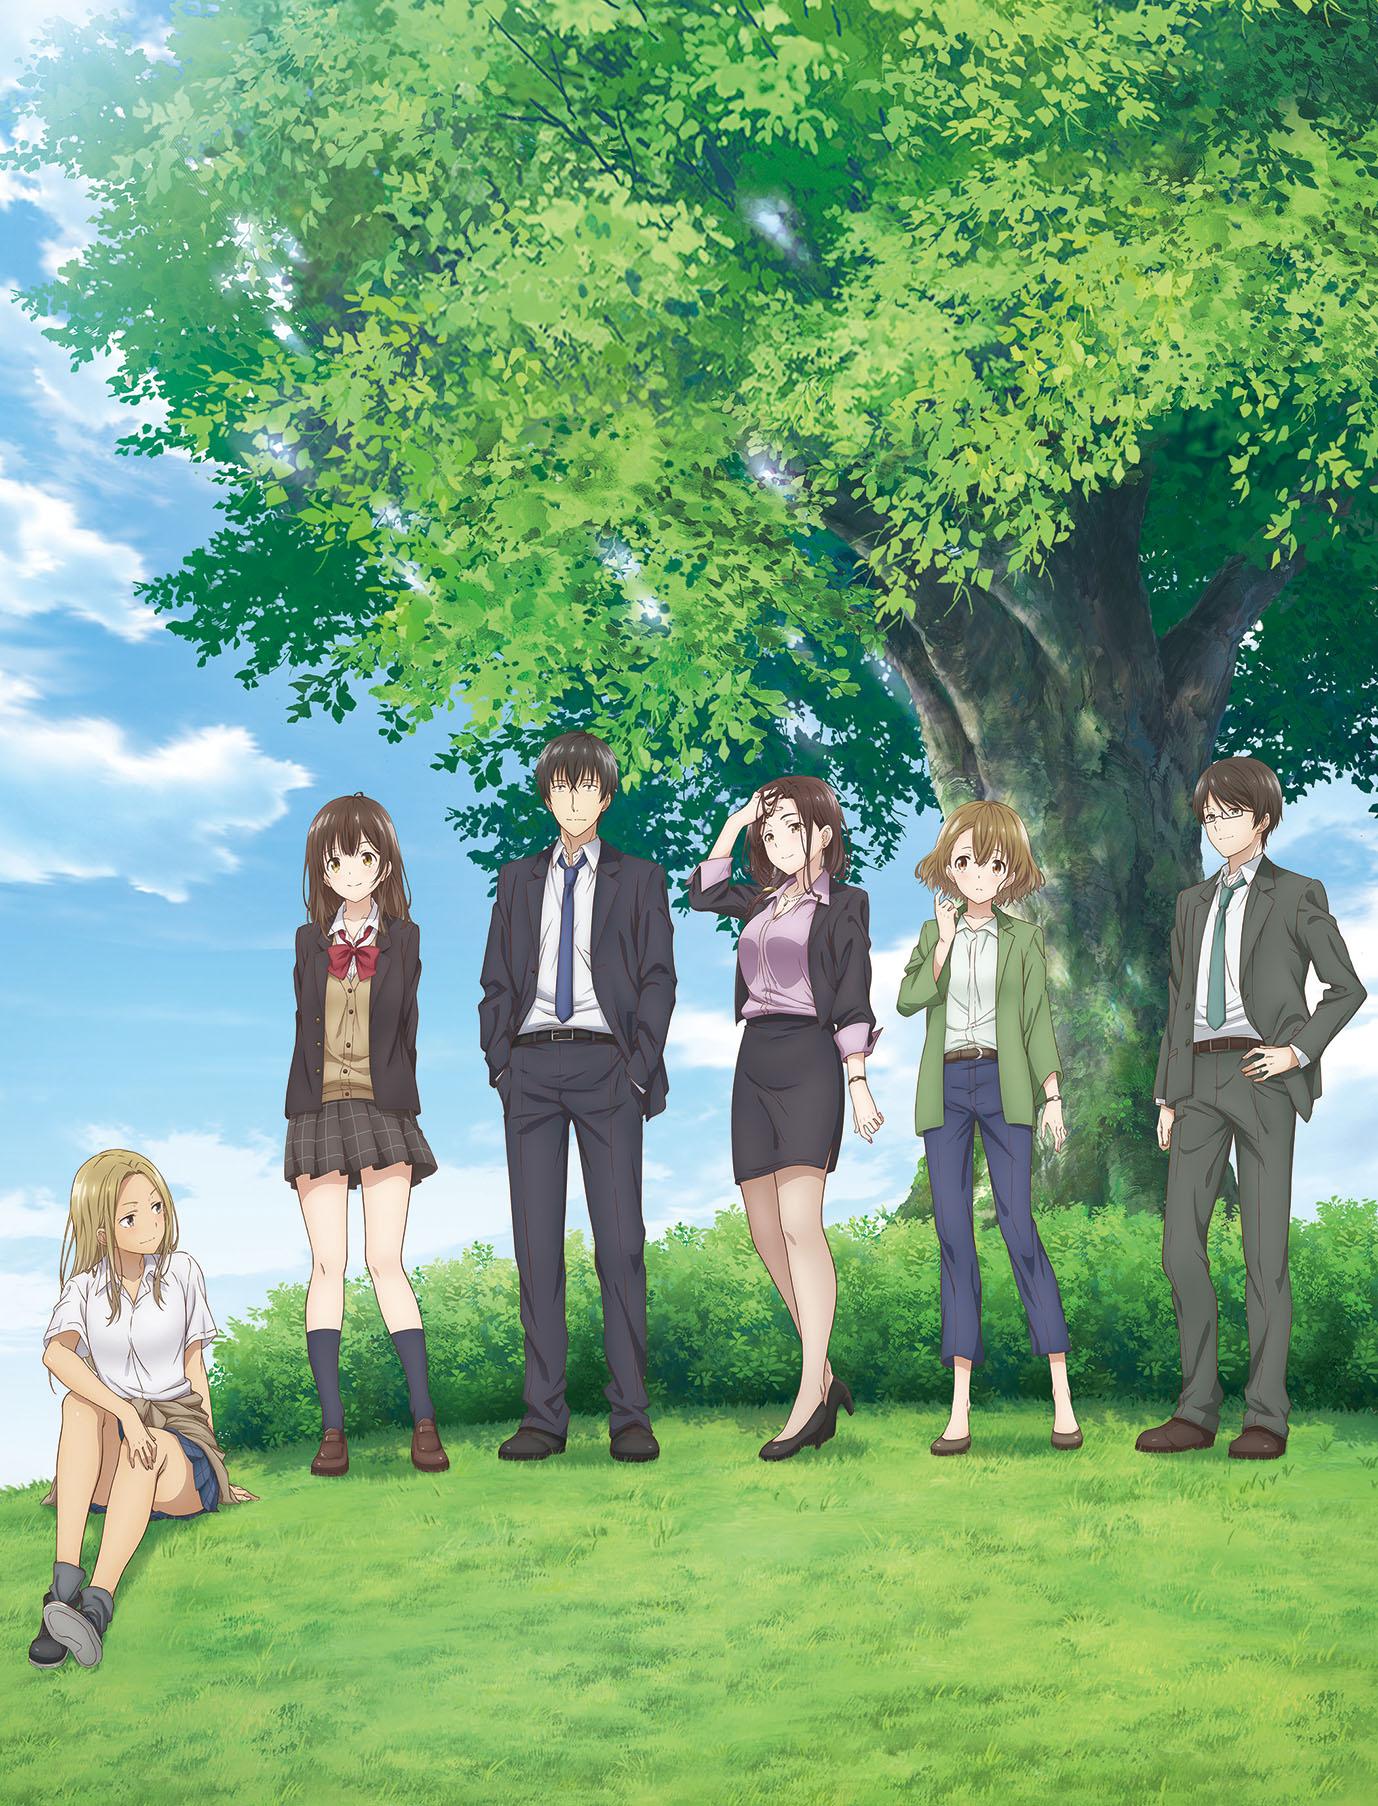 女子高生×サラリーマンのほのぼのとした同居生活を描くアニメ「ひげひろ」PV第2弾&新ビジュアル解禁!